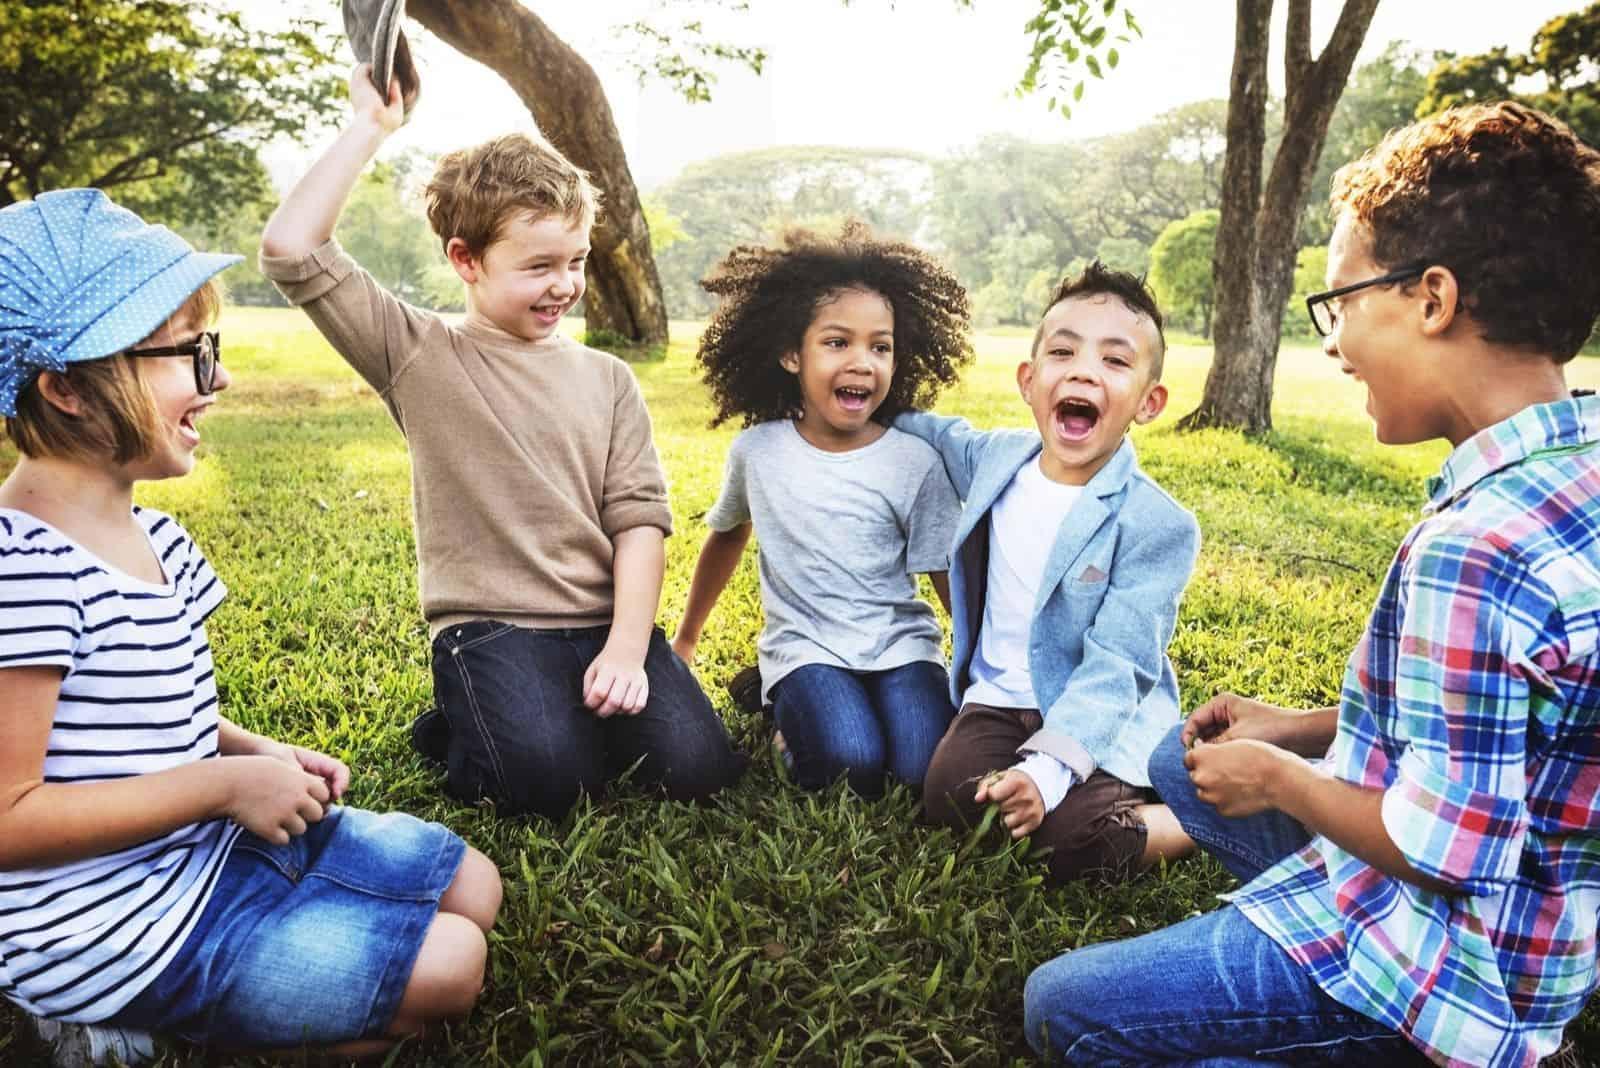 fröhliche spielende Kinder draußen auf dem boden sitzen